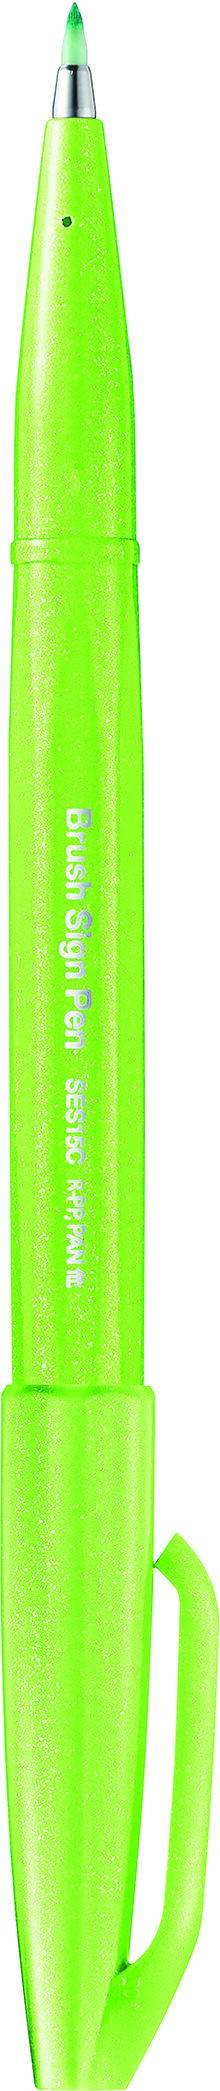 Pentel Sign pen - Feutre pinceau à pointe souple - vert pastel